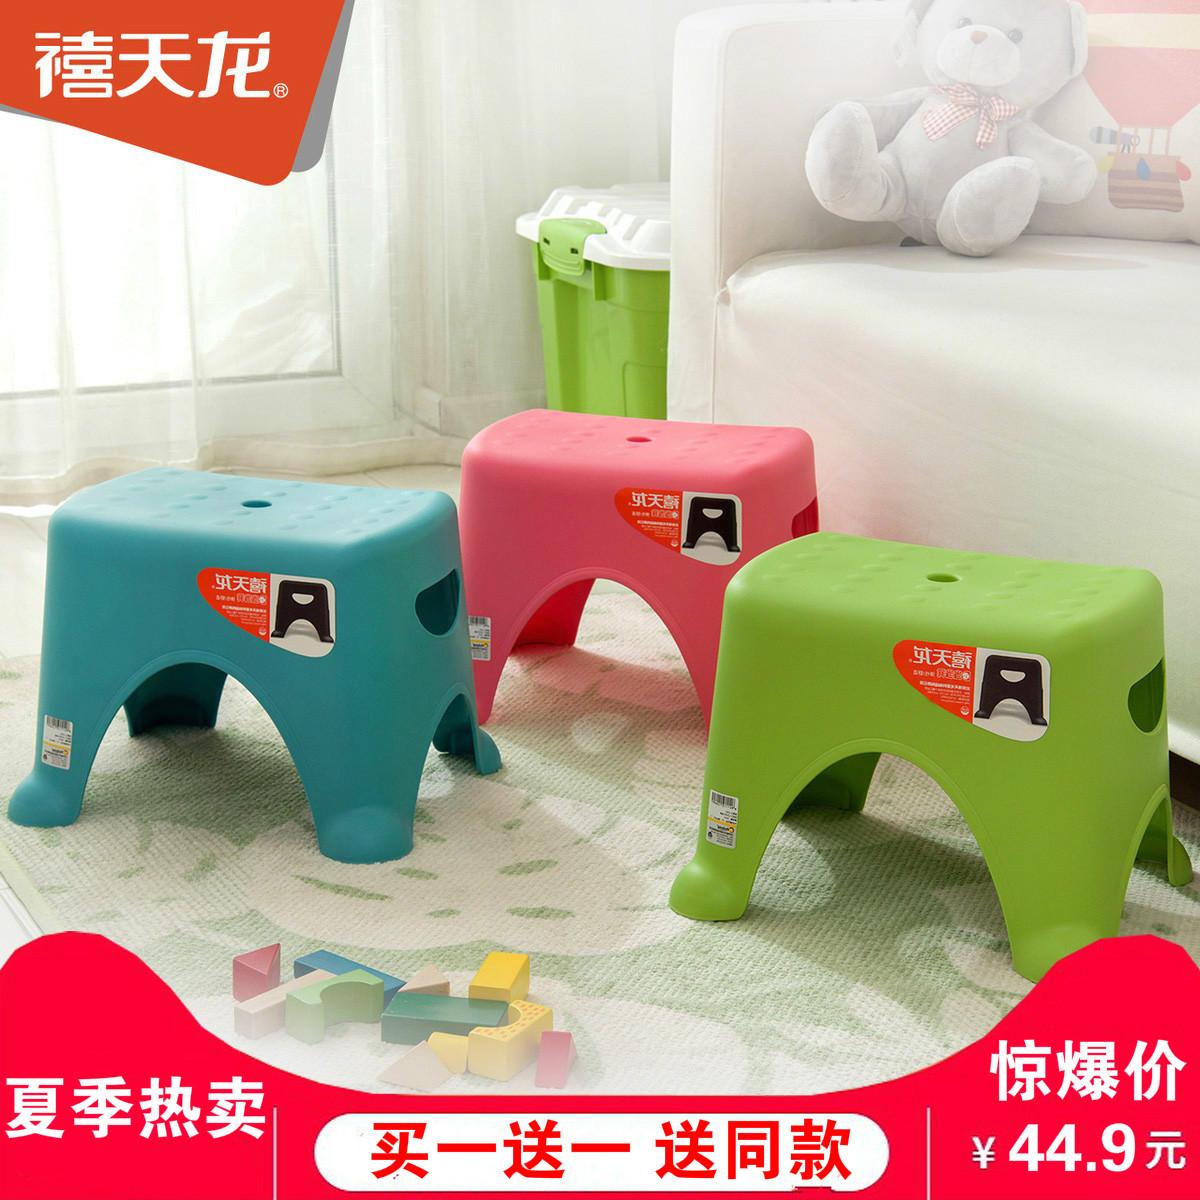 禧天龙2069 2068塑料凳子卡通矮凳浴室防滑凳换鞋凳儿童凳叮当凳